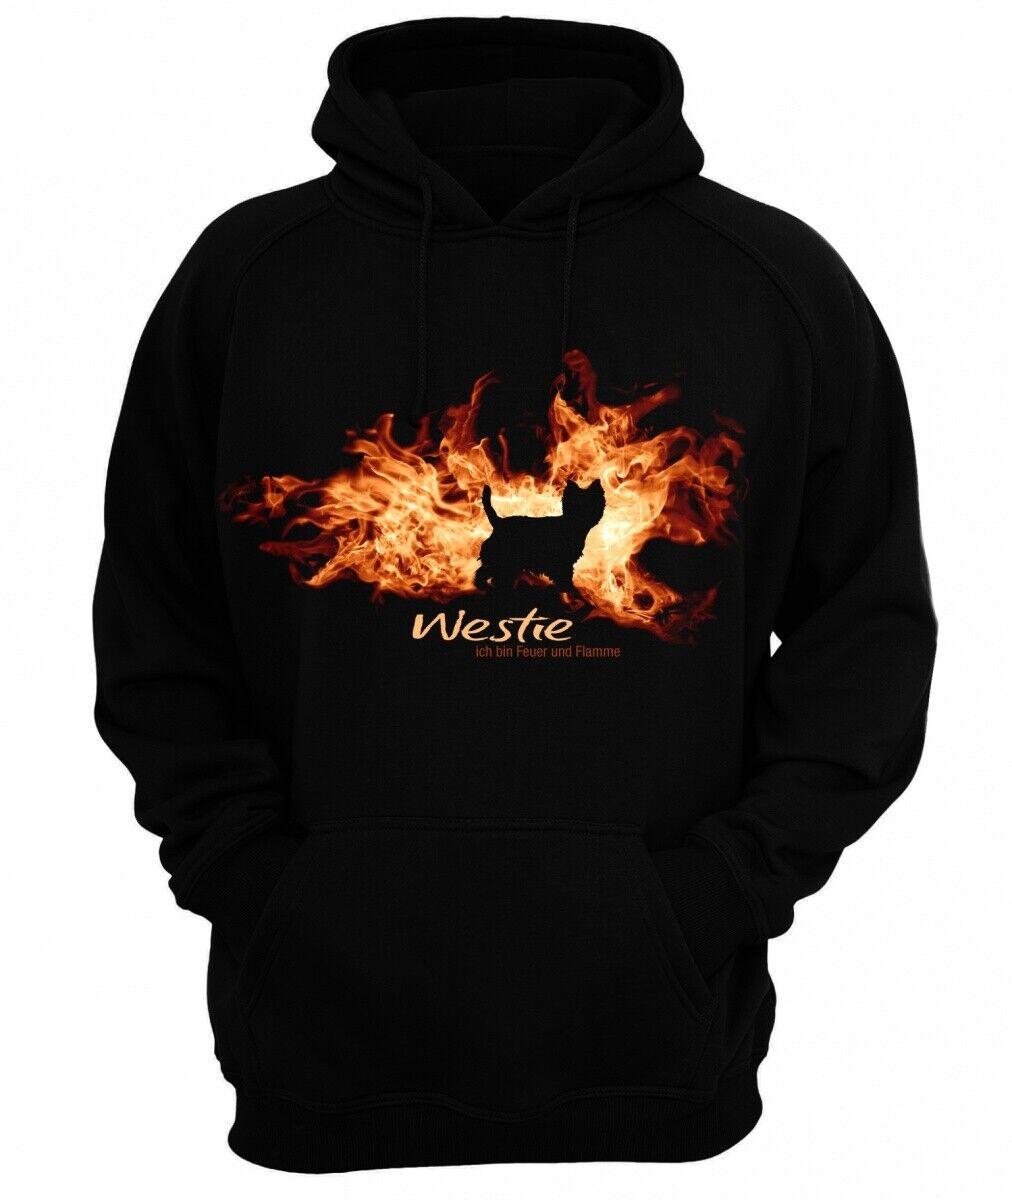 Sweatshirt WESTIE FEUER UND FLAMME by Siviwonder Hoodie  | Neu  | Zahlreiche In Vielfalt  | Won hoch geschätzt und weithin vertraut im in- und Ausland vertraut